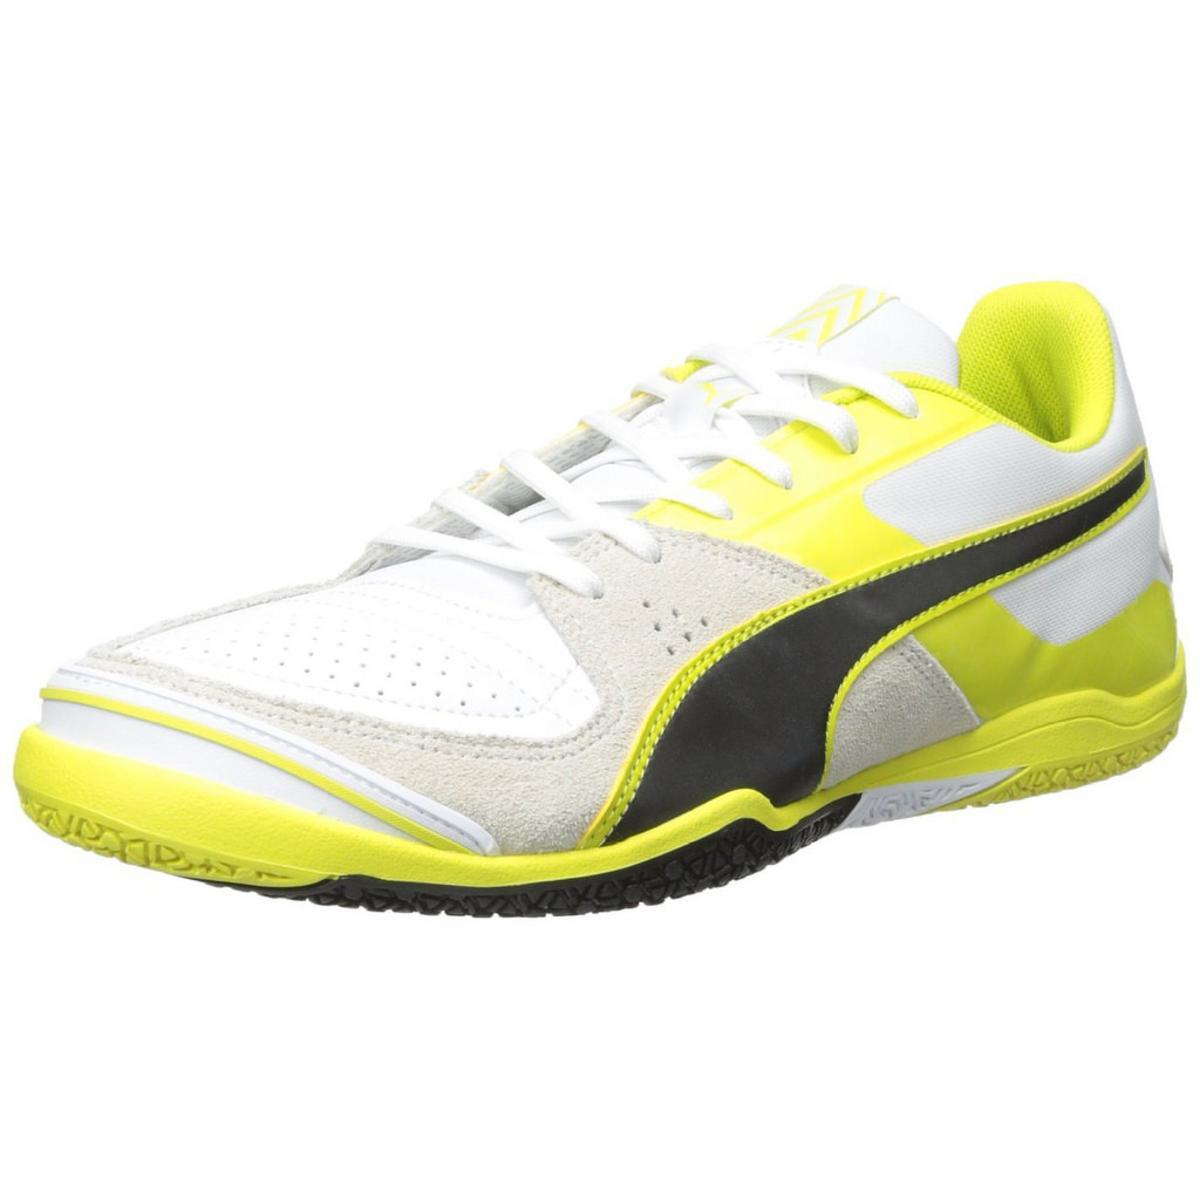 2fb16e66ff5 PUMA Men s Invicto Sala White Black Sulphur Soccer Shoe 11.5 M